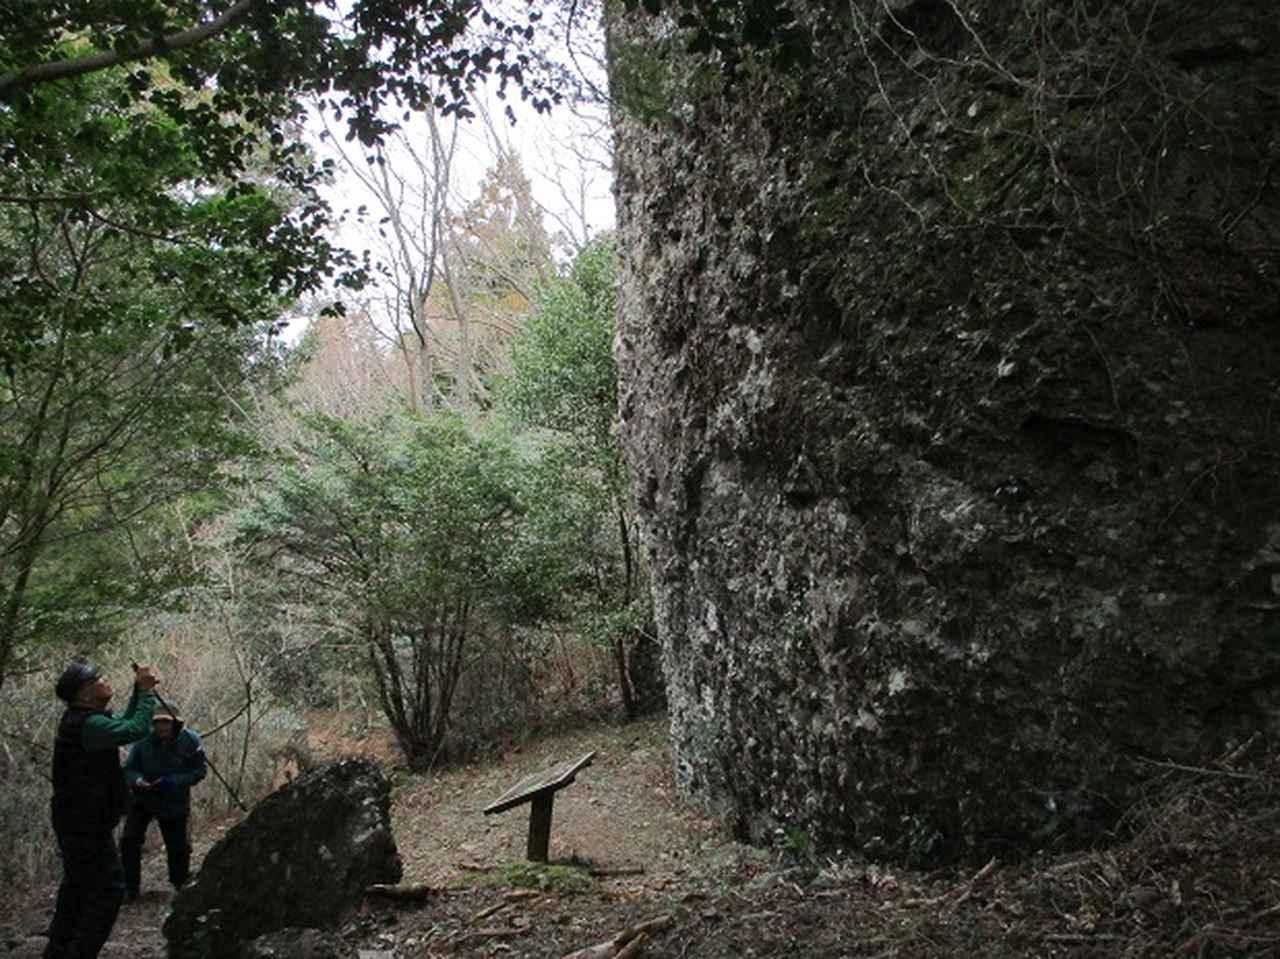 画像10: 1月8日に岡田ガイドと静岡県にたたずむ 石谷山 へ行って来ました♪